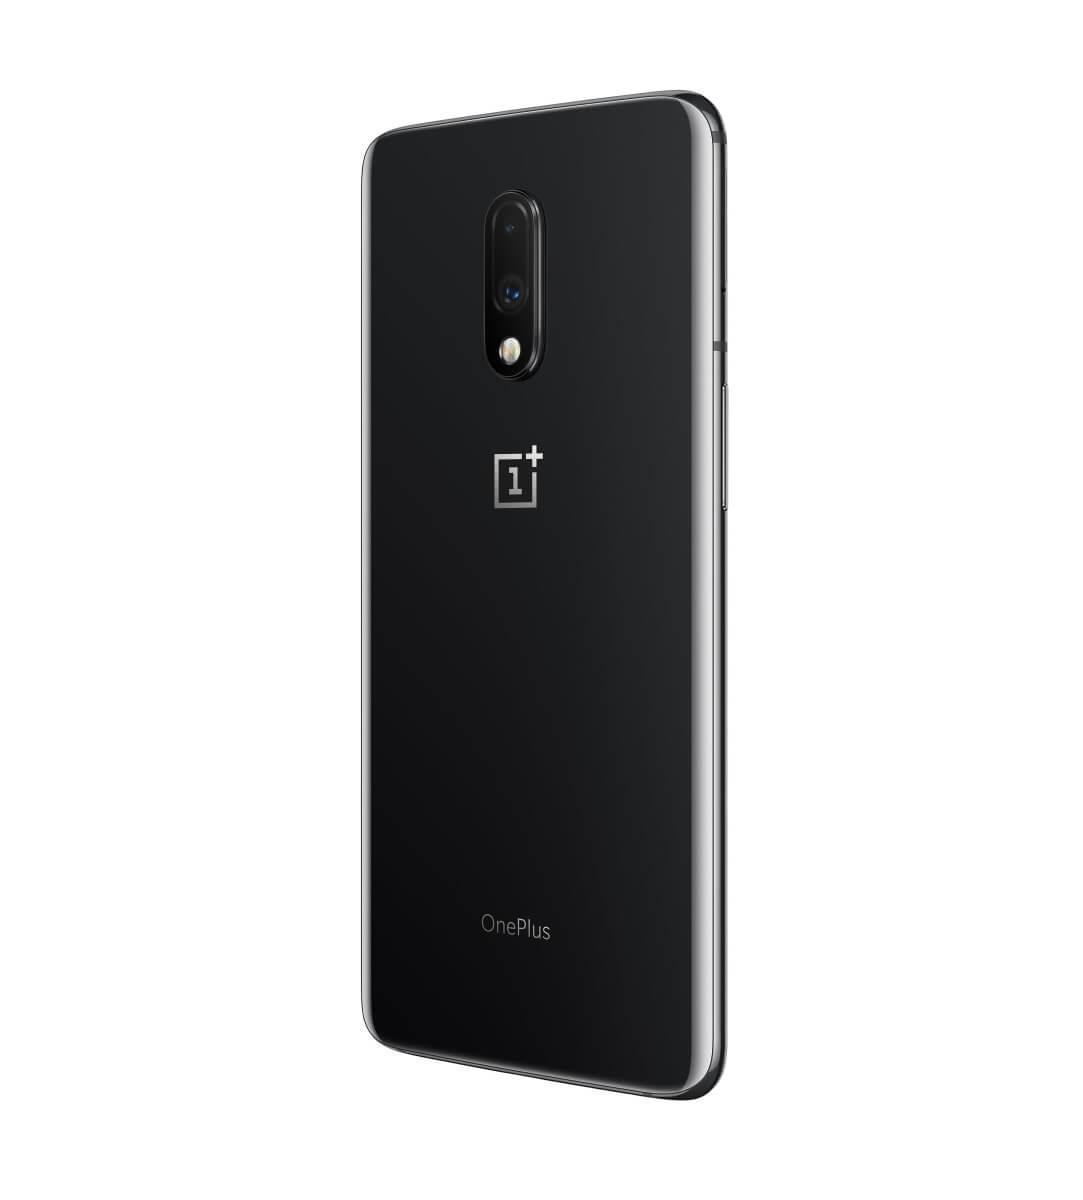 OnePlus 7 - Offizielle Bilder